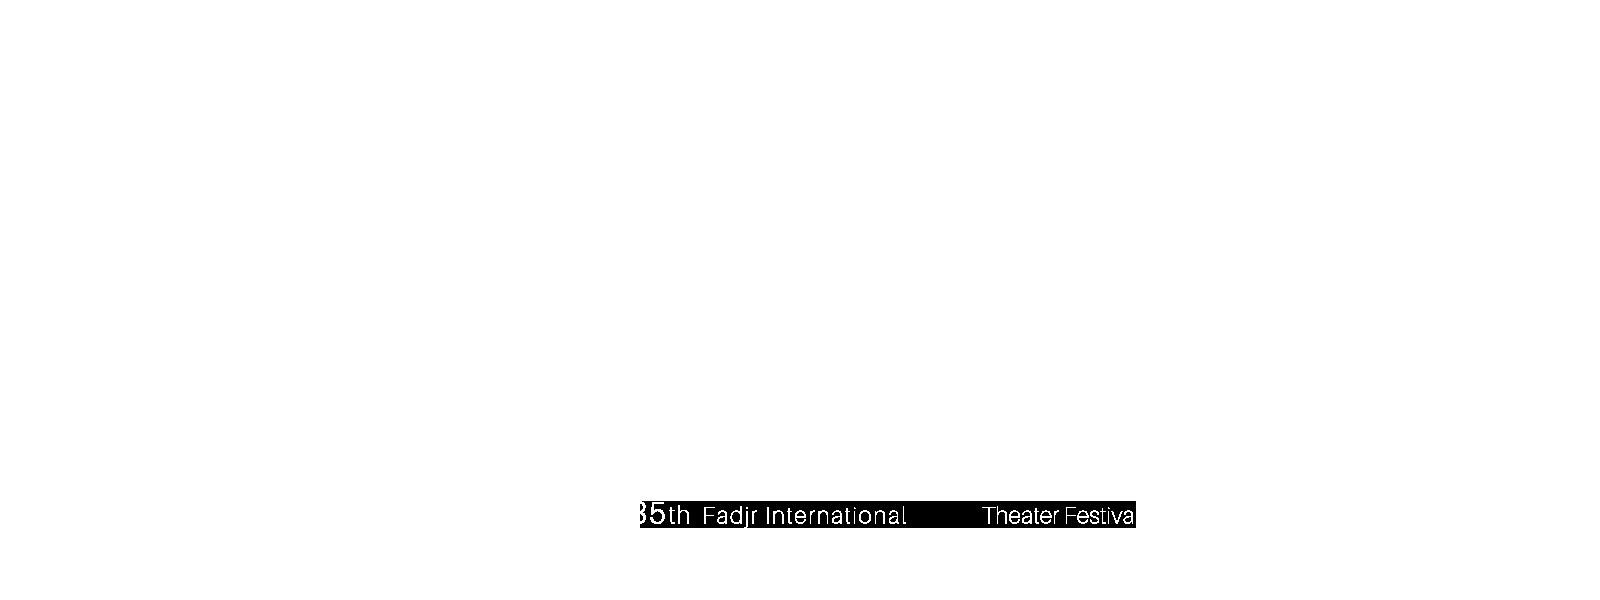 بک گراند اسلایدر سی و پنجمین جشنواره تئاتر فجر ، عکاسی ، هویت بصری ، شرکت تبلیغاتی الف ، طراحی لوگو ، طراحی لوگوتایپ ، طراحی هویت بصری ، هویت بصری سی و پنجمین جشنواره بین المللی تئاتر فجر